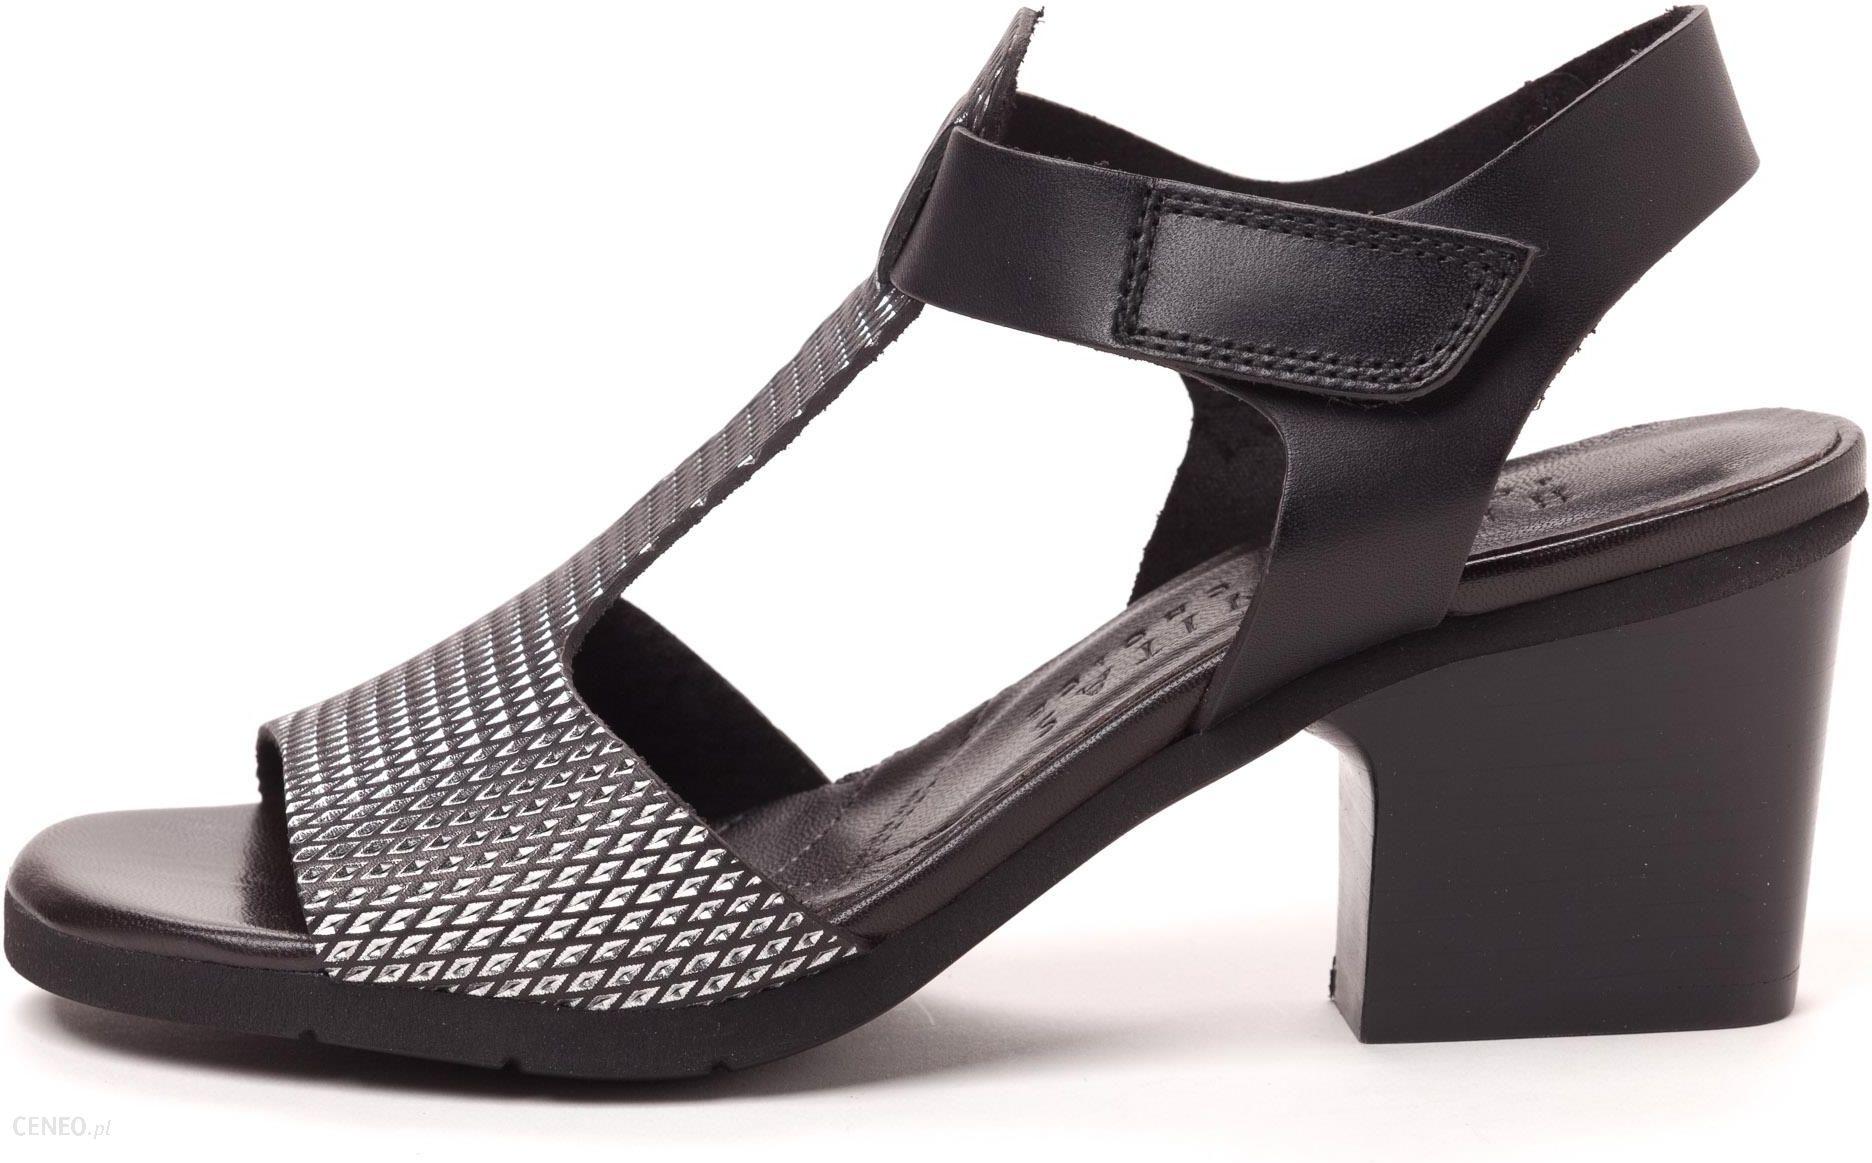 c24891e6 Hispanitas sandały damskie 38 czarny - Ceny i opinie - Ceneo.pl